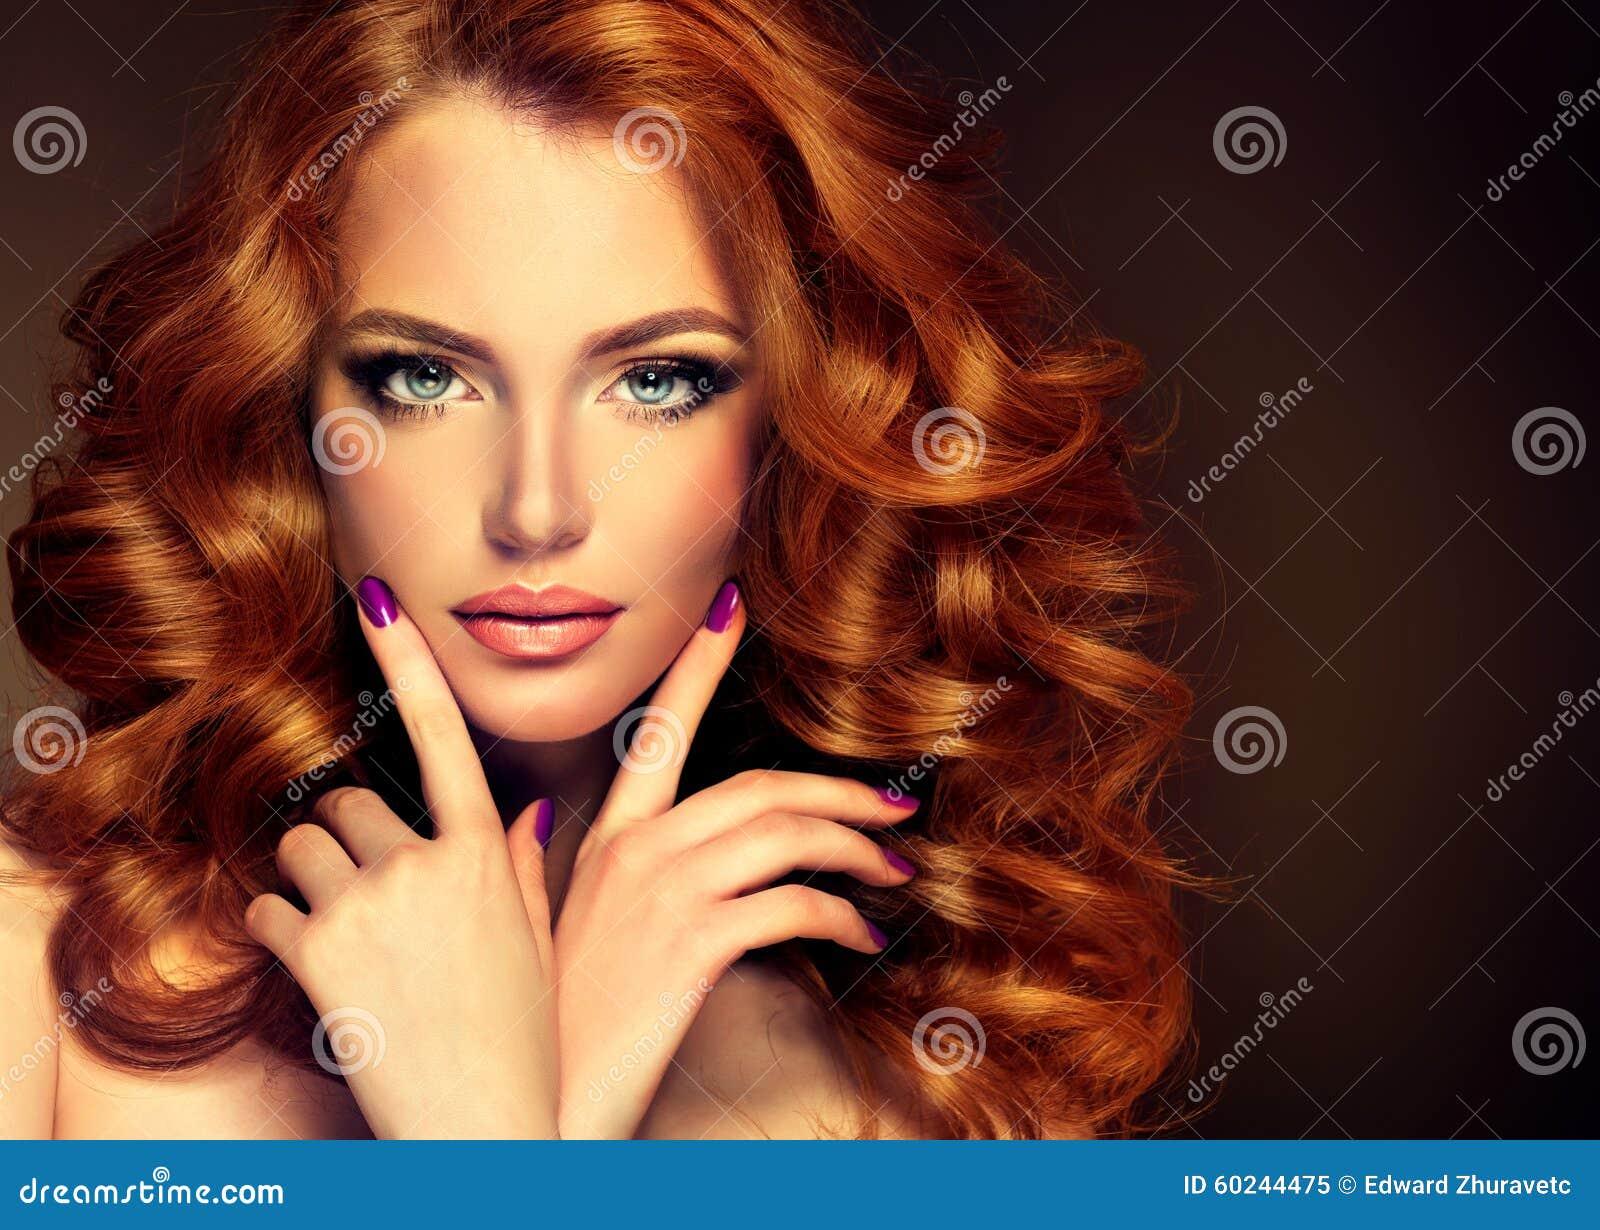 långt hår x betygsatt rött hår